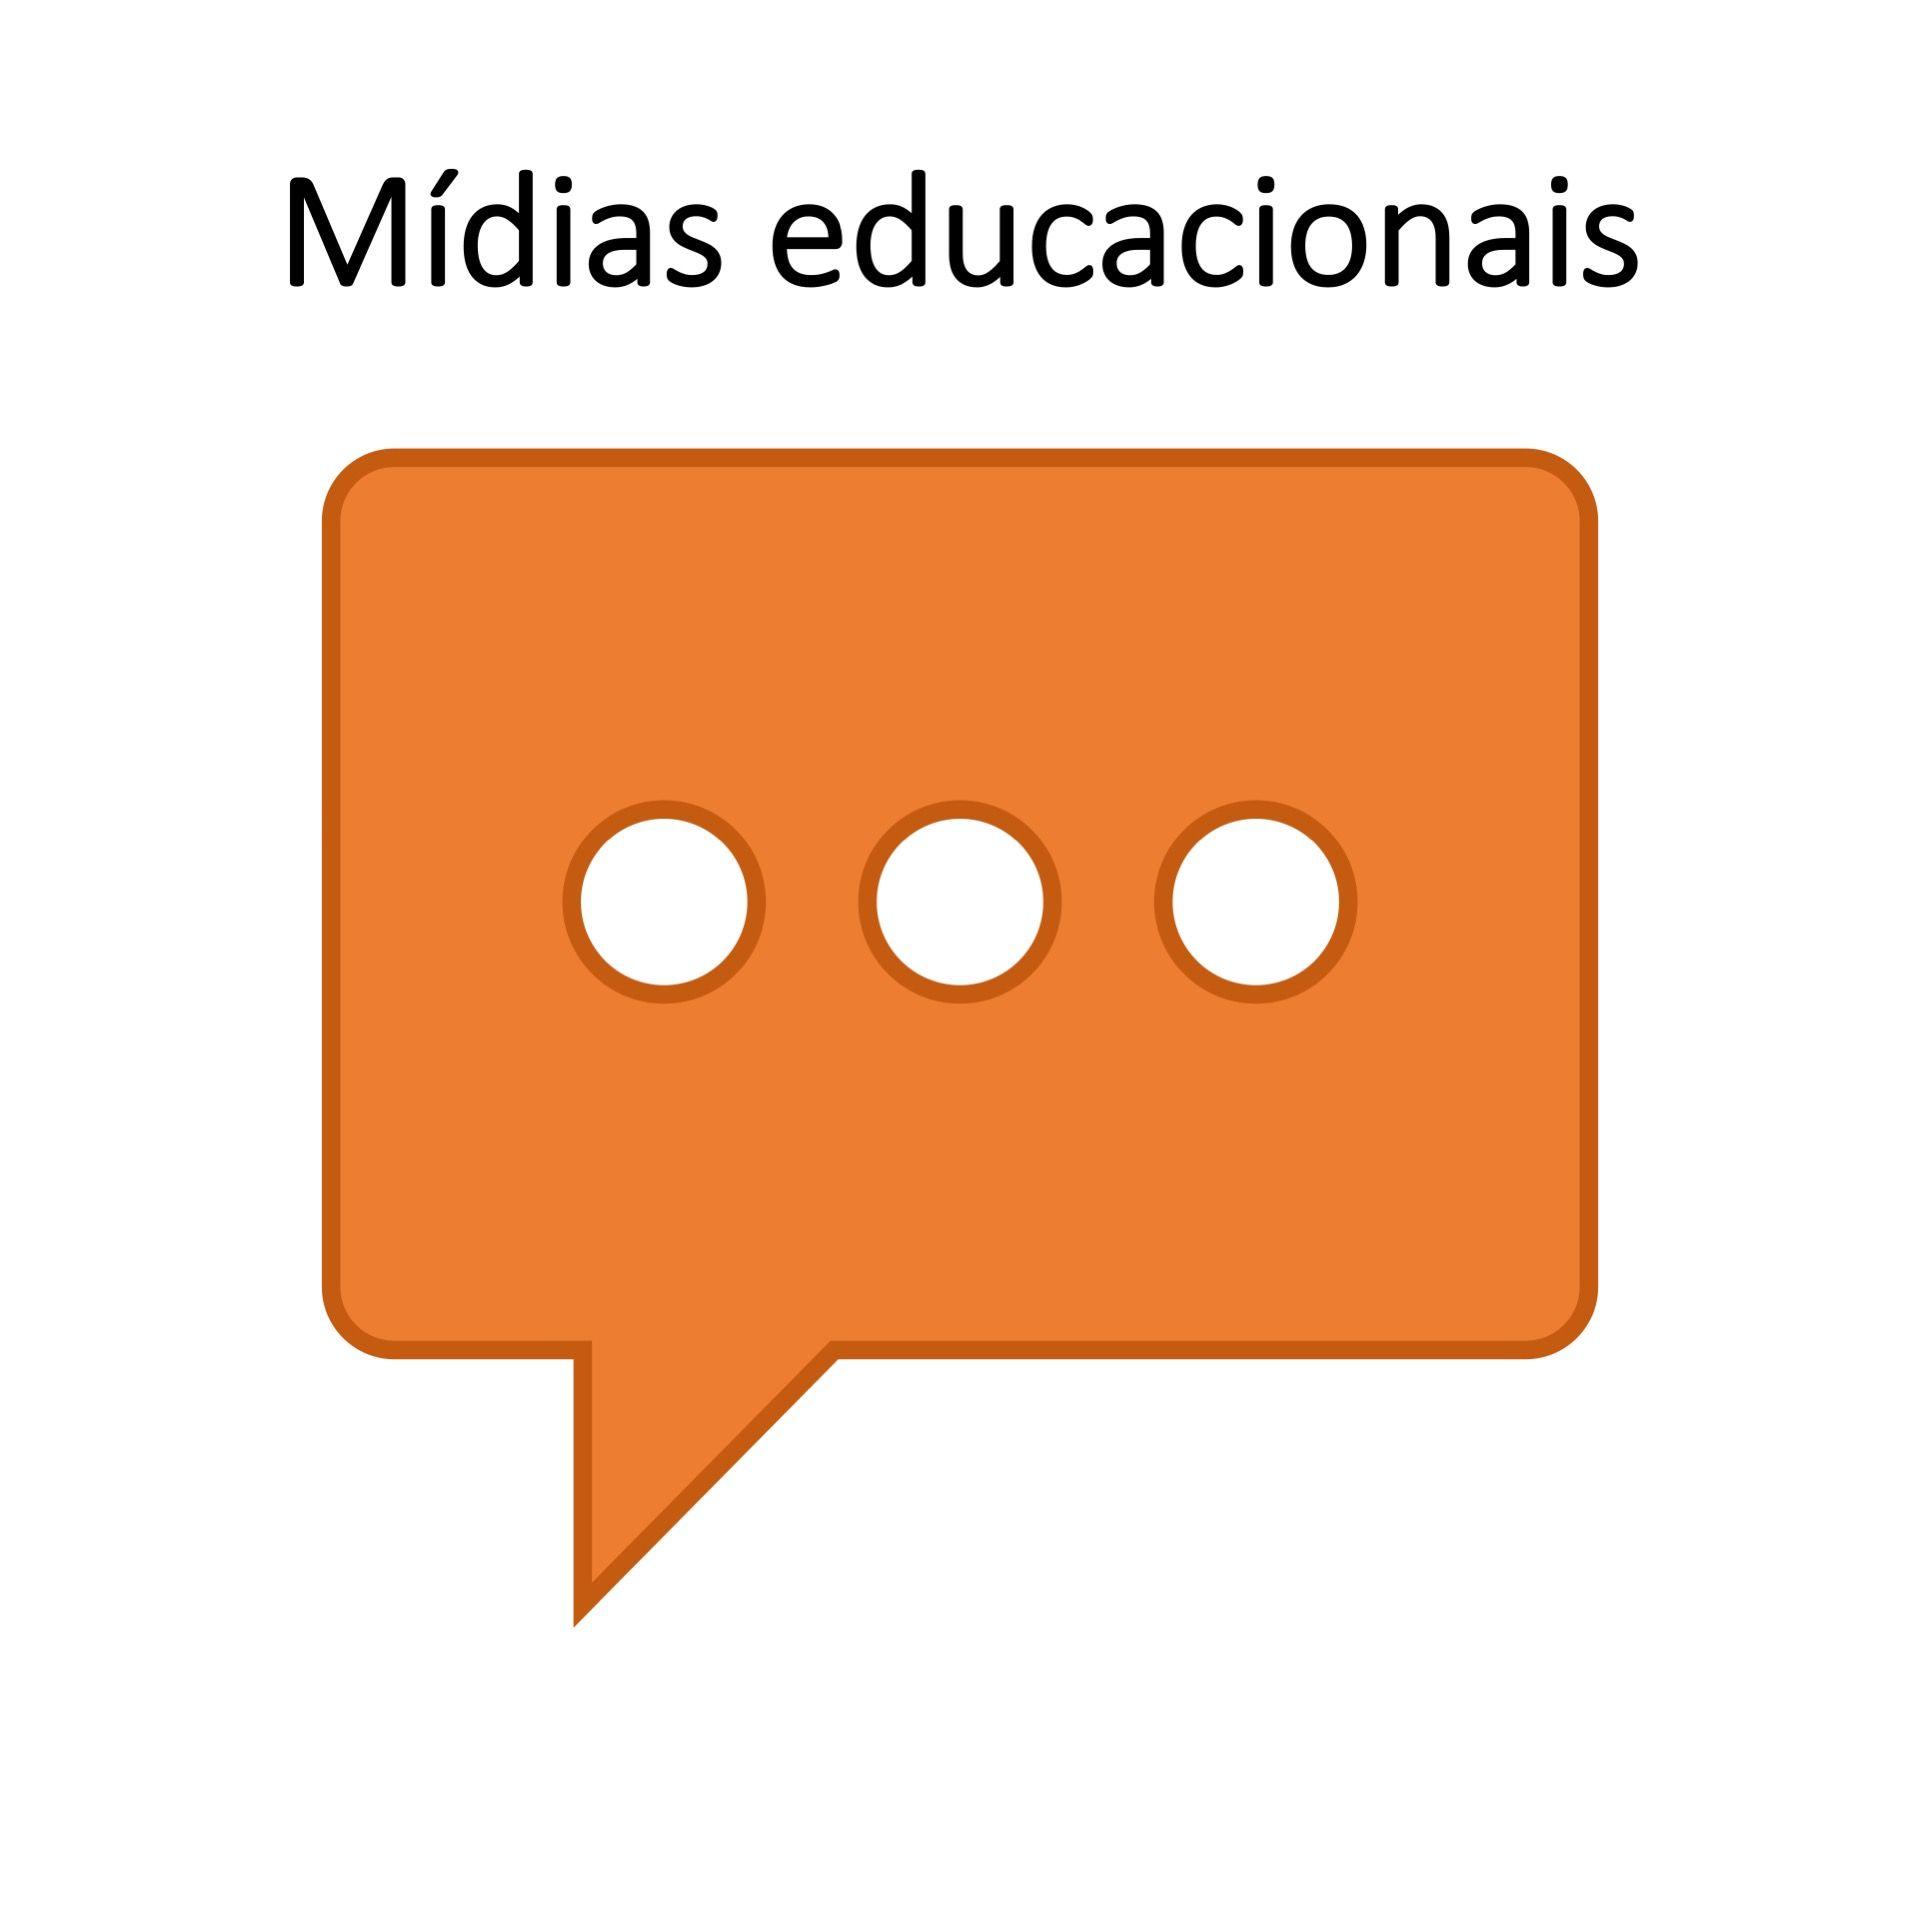 Mídias educacionais